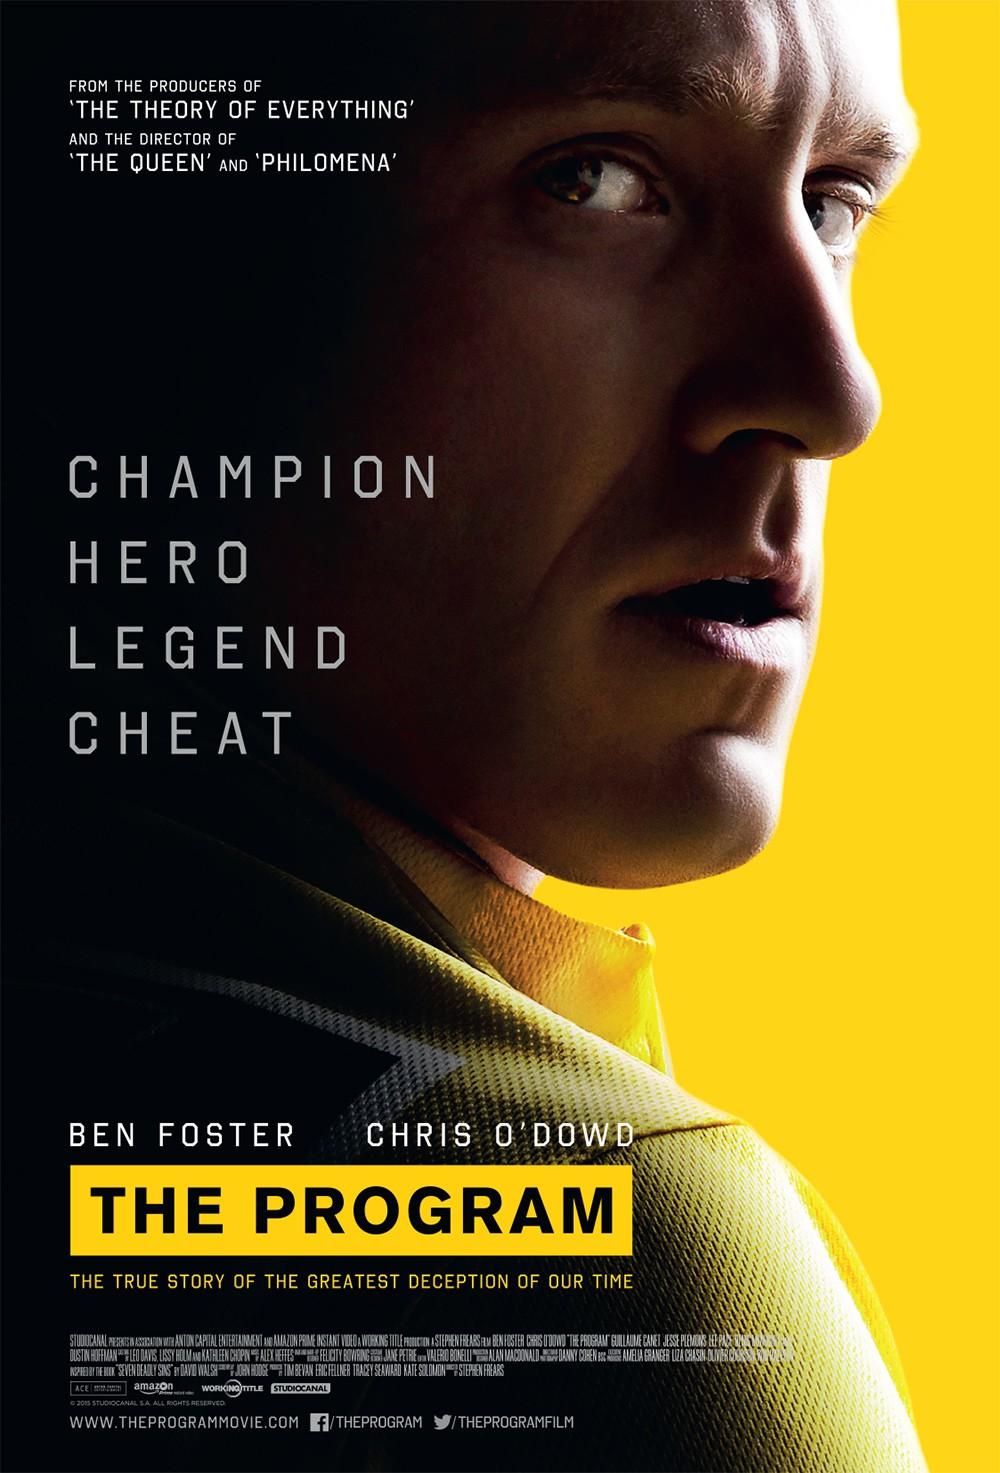 The Program poster